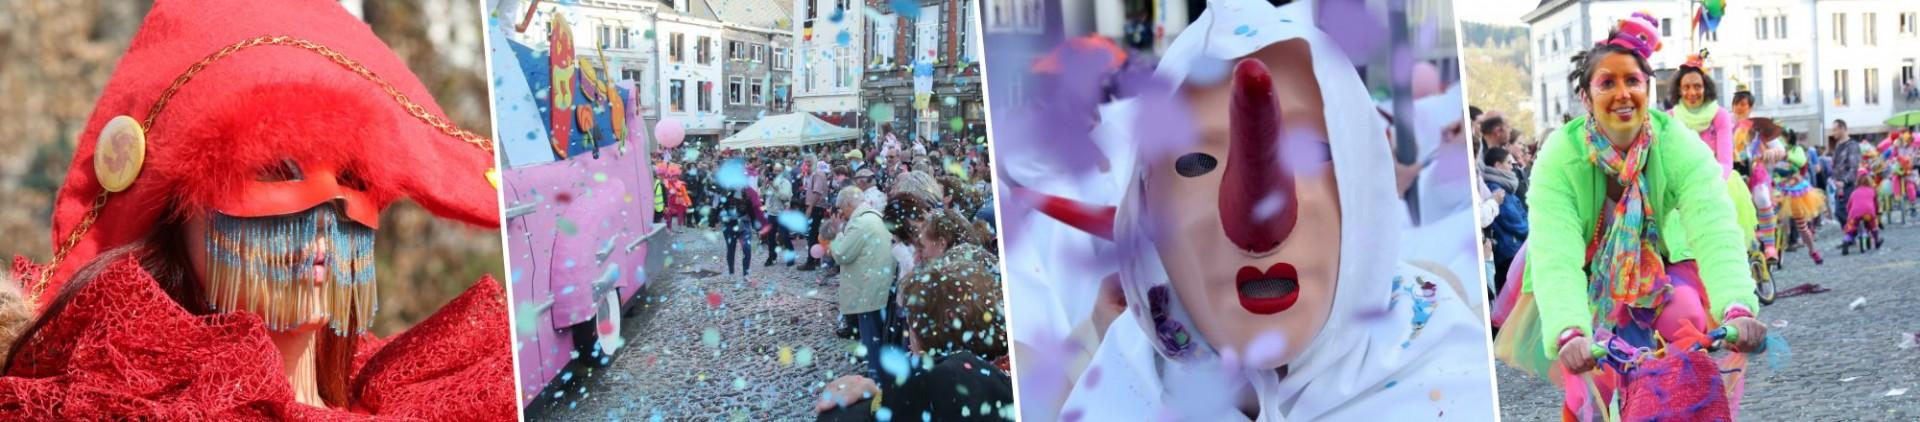 Karnevals in der Provinz Lüttich